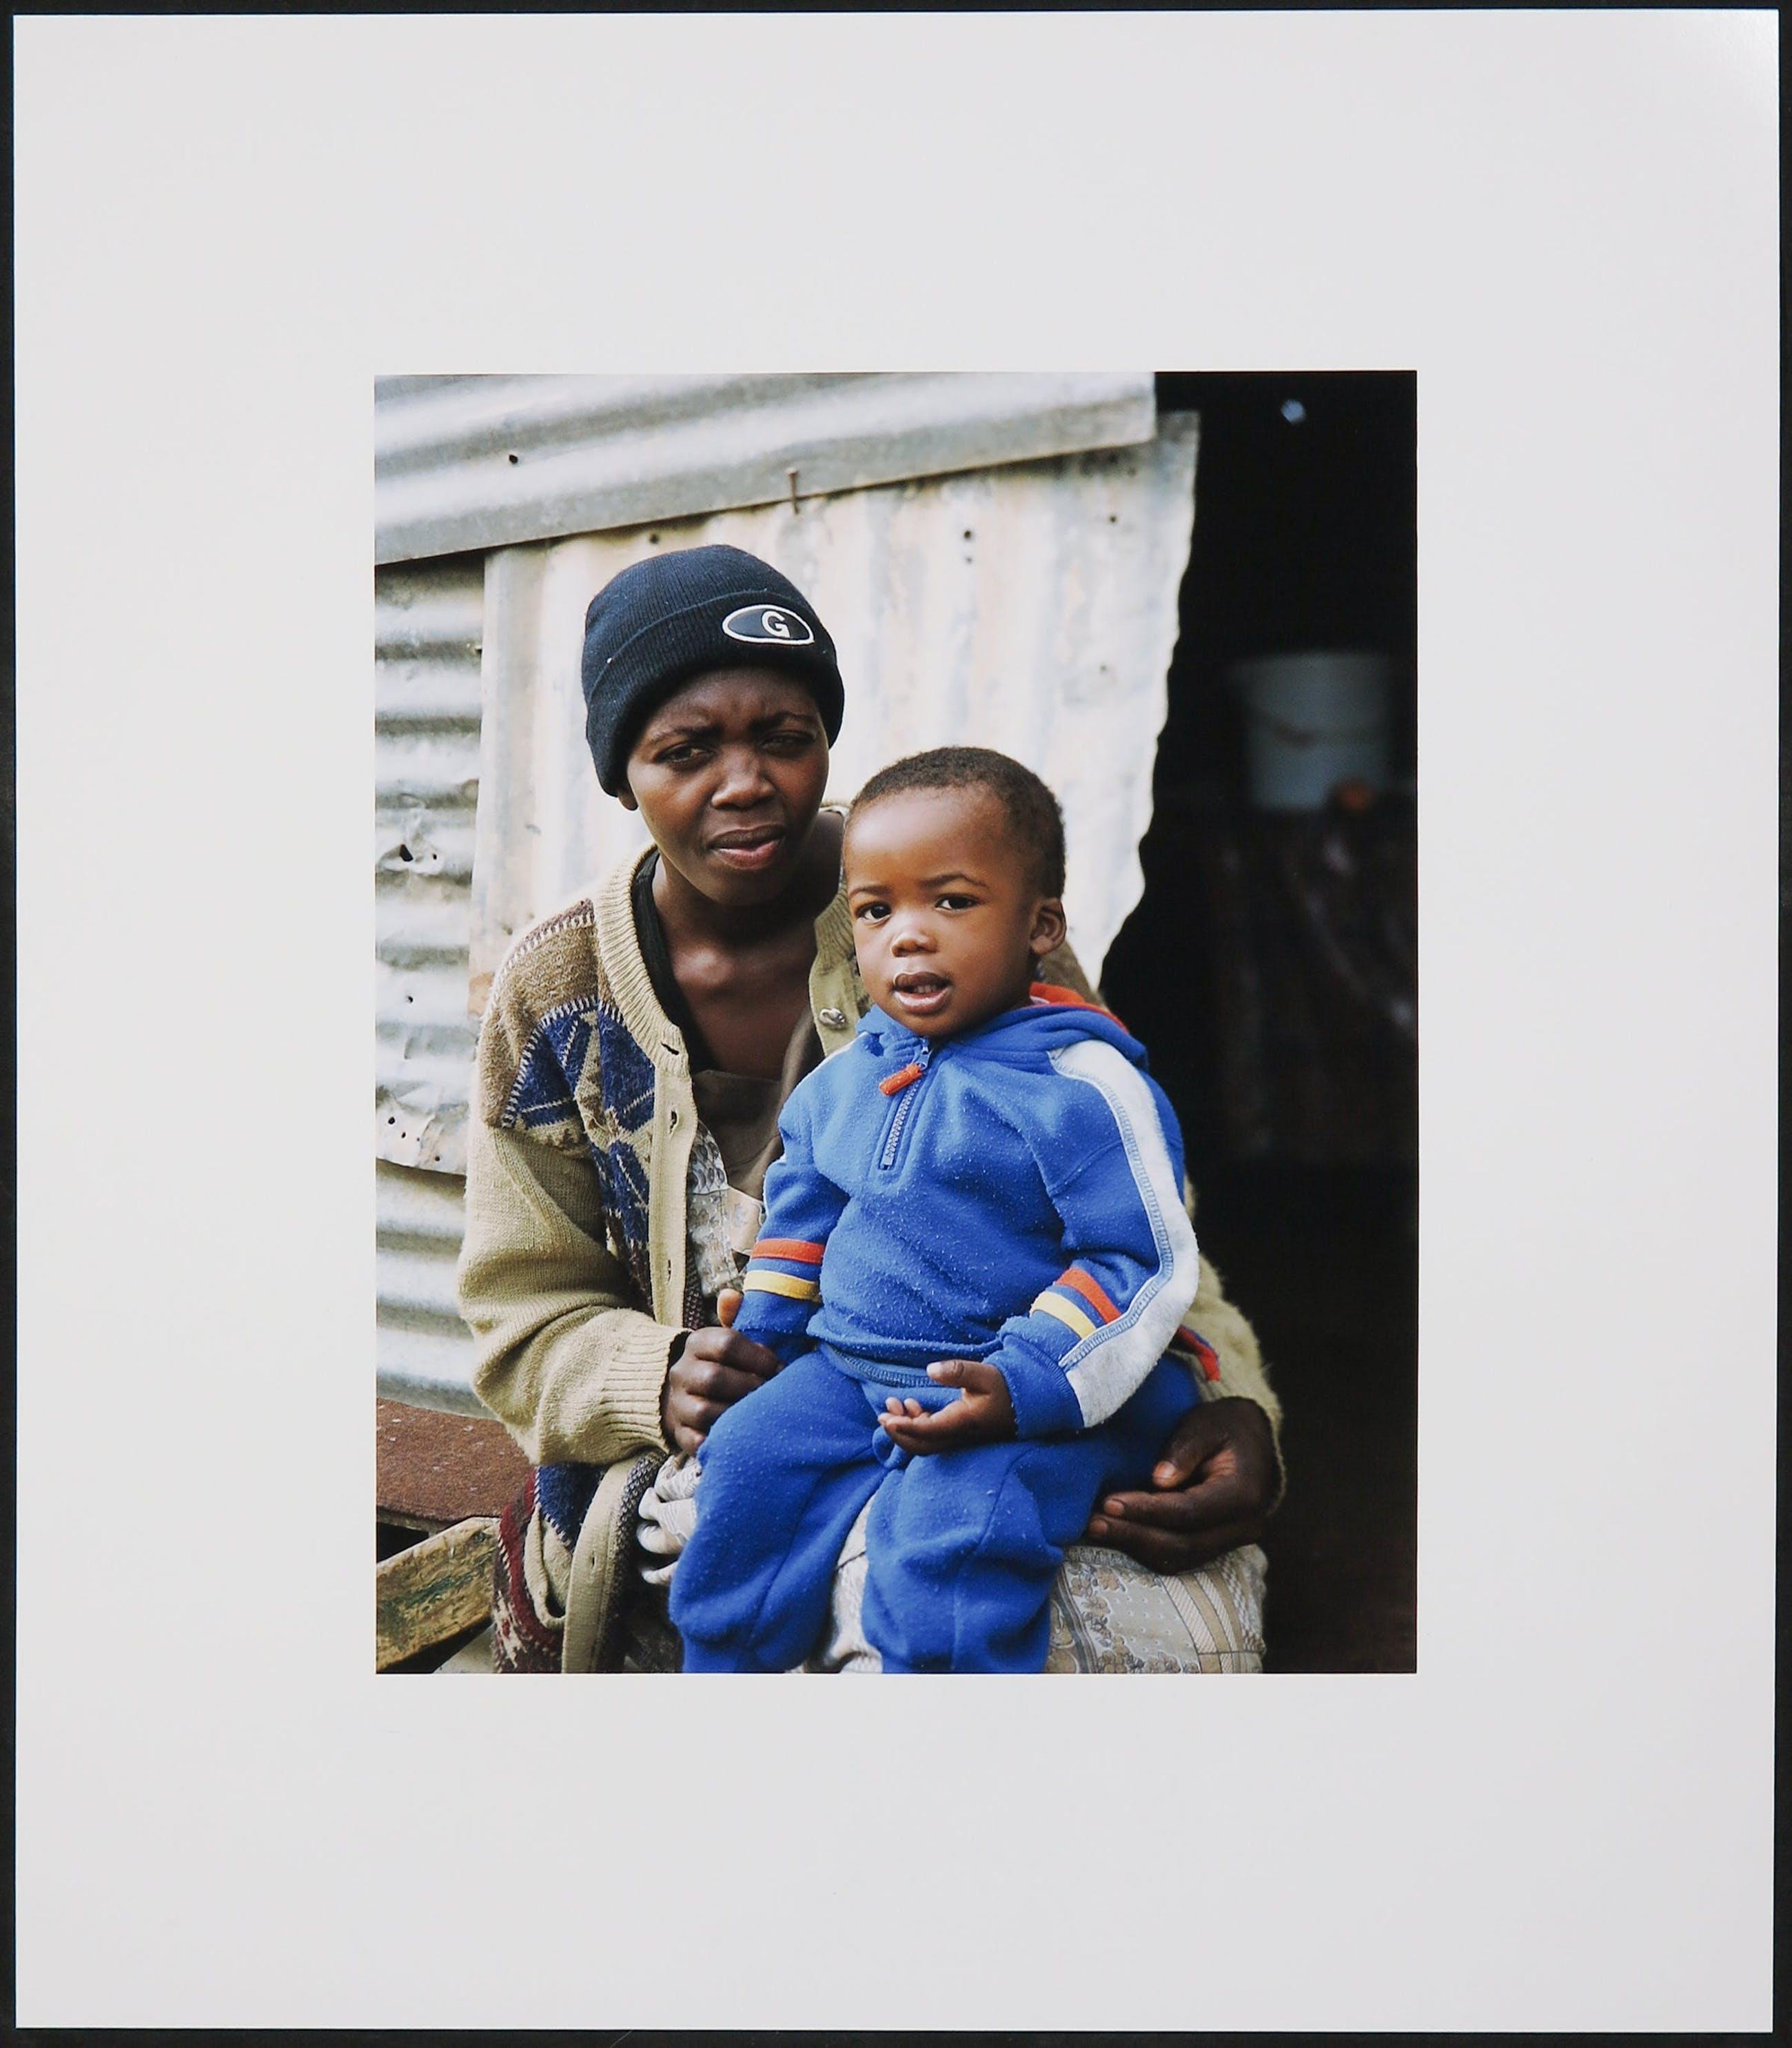 Cuny Janssen - Foto, Prince Albert, South Africa kopen? Bied vanaf 50!